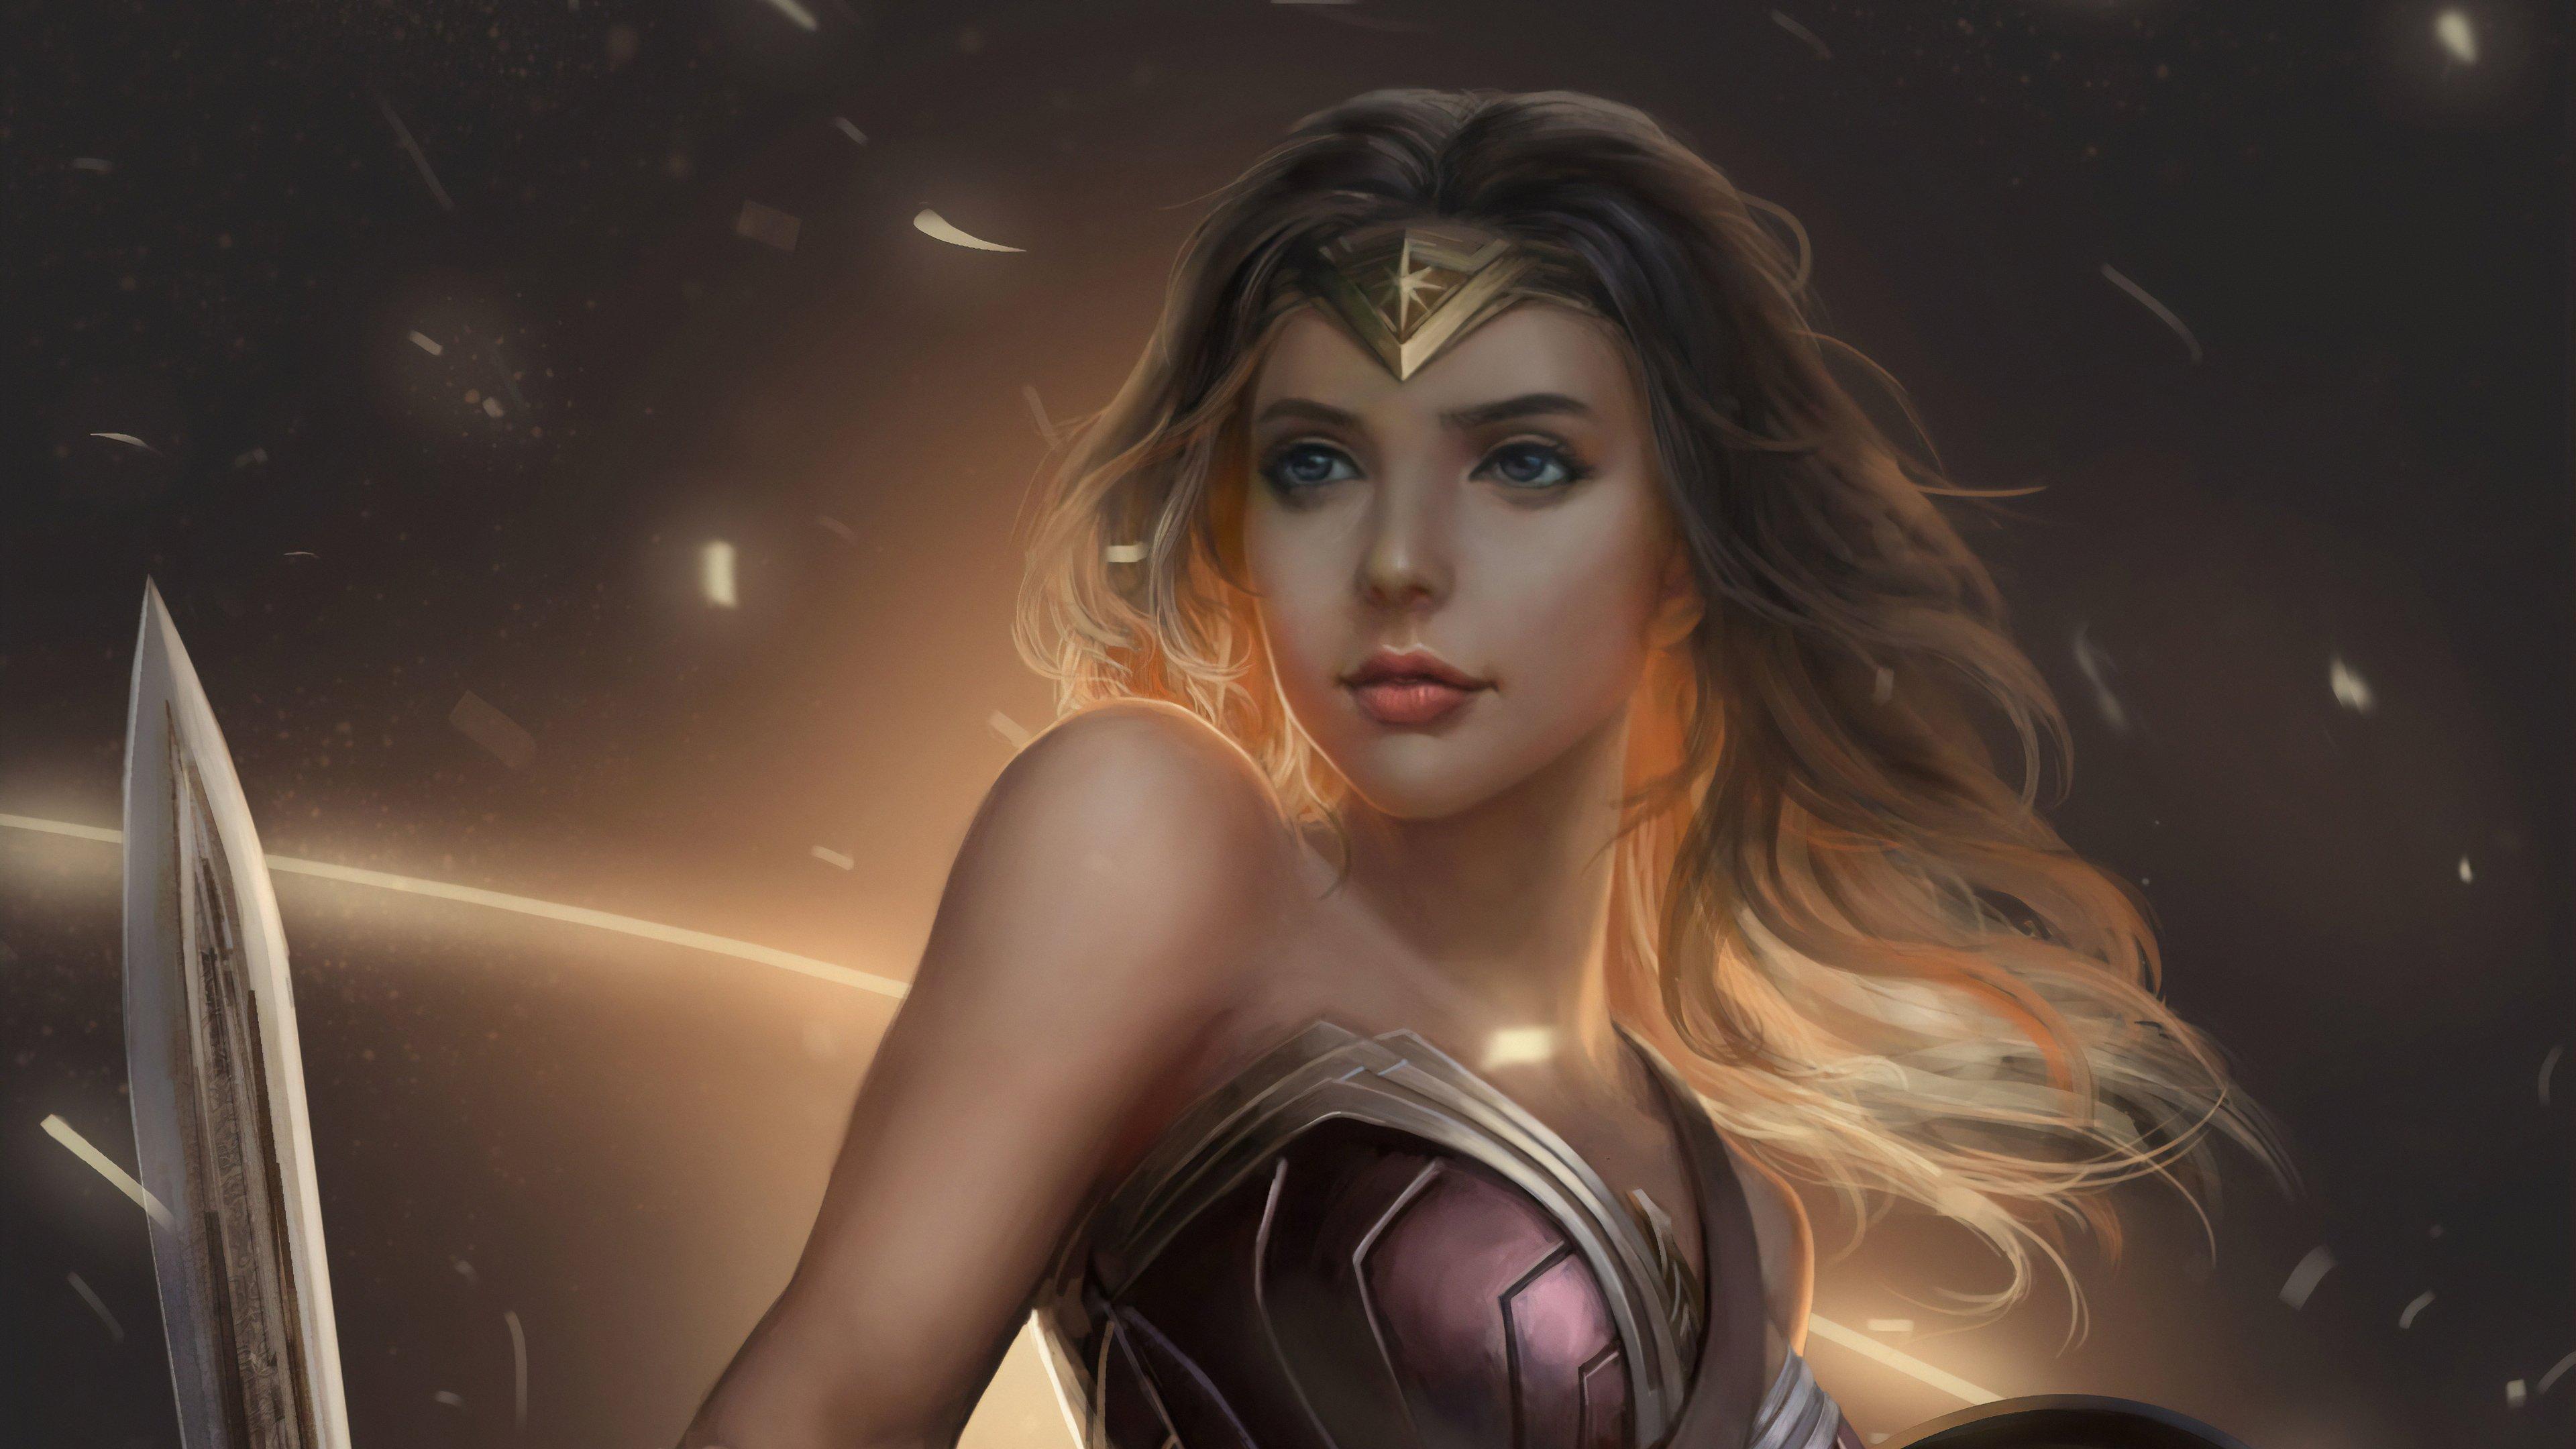 Wallpaper Wonder Woman Fan Art